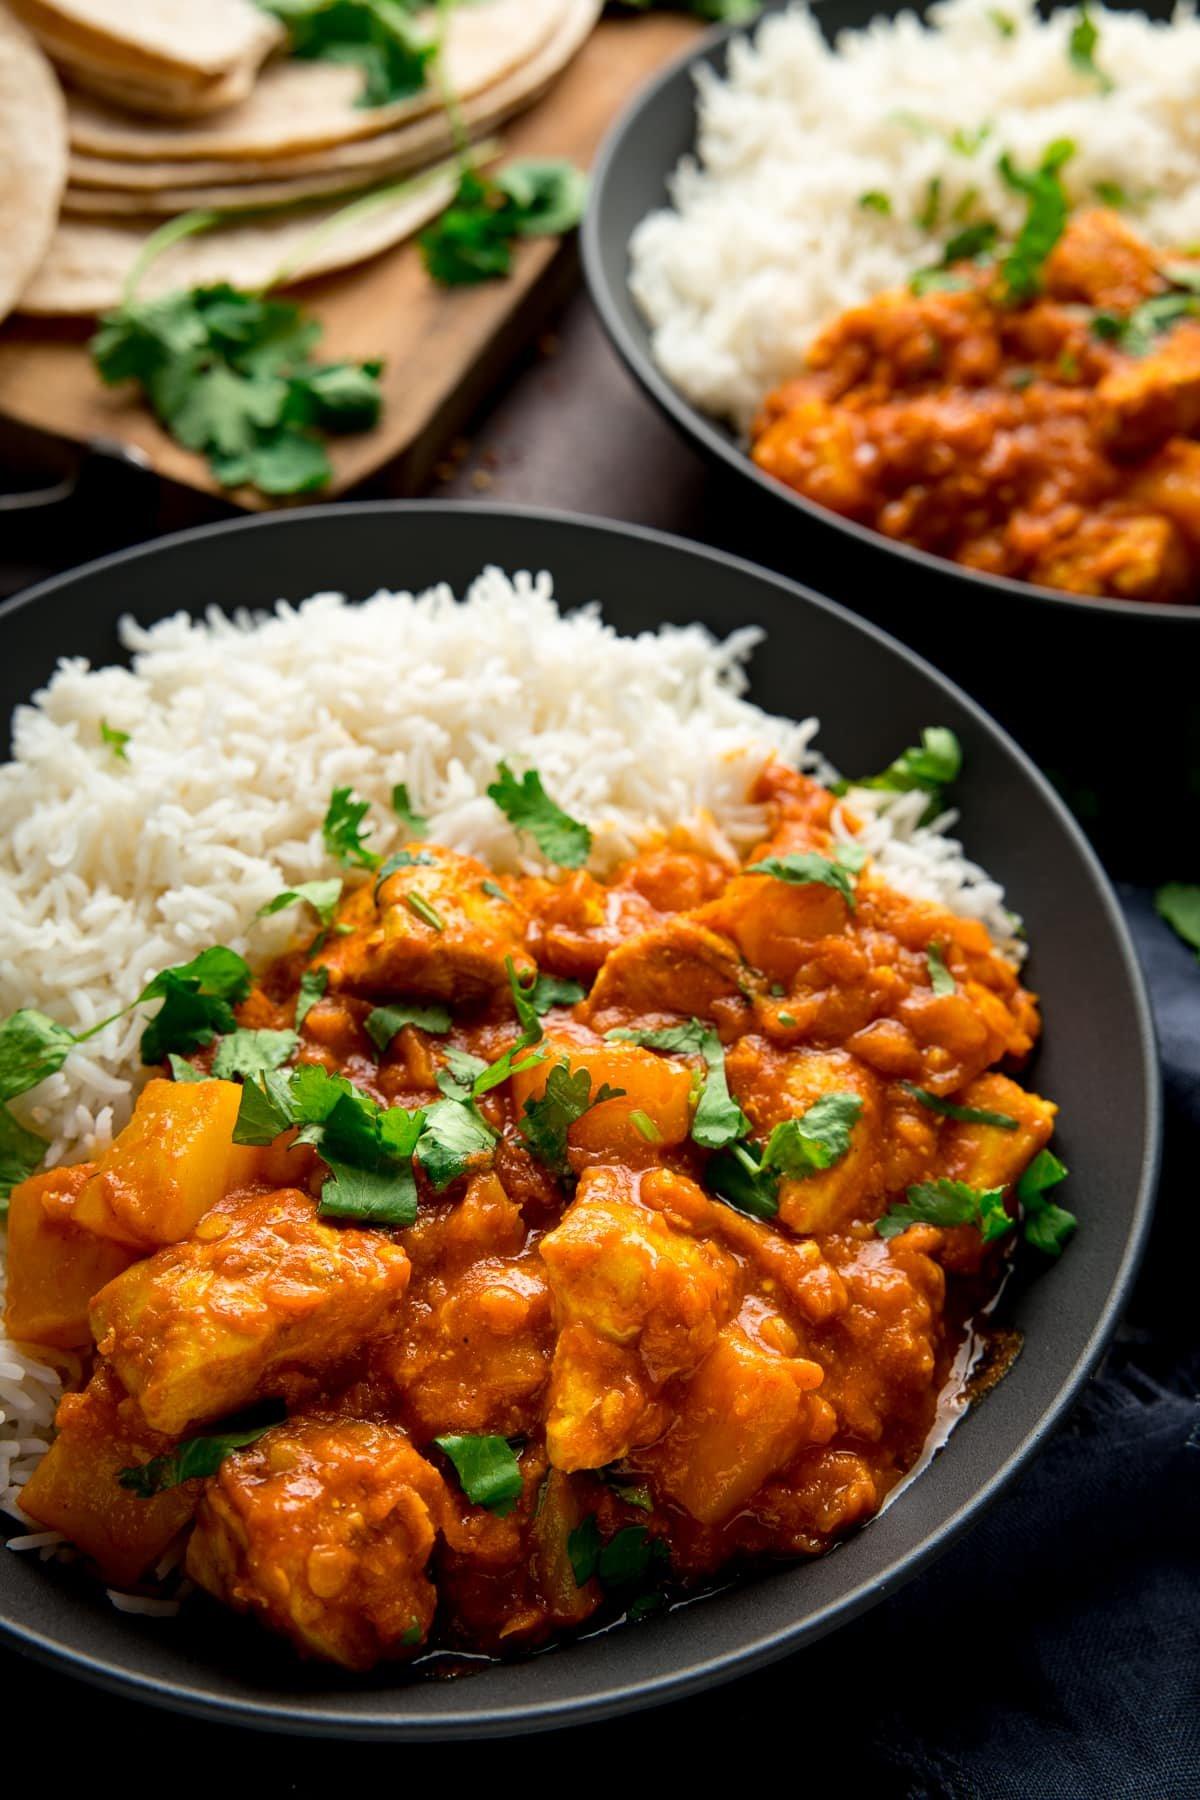 chicken dhansak and rice in a dark bowl